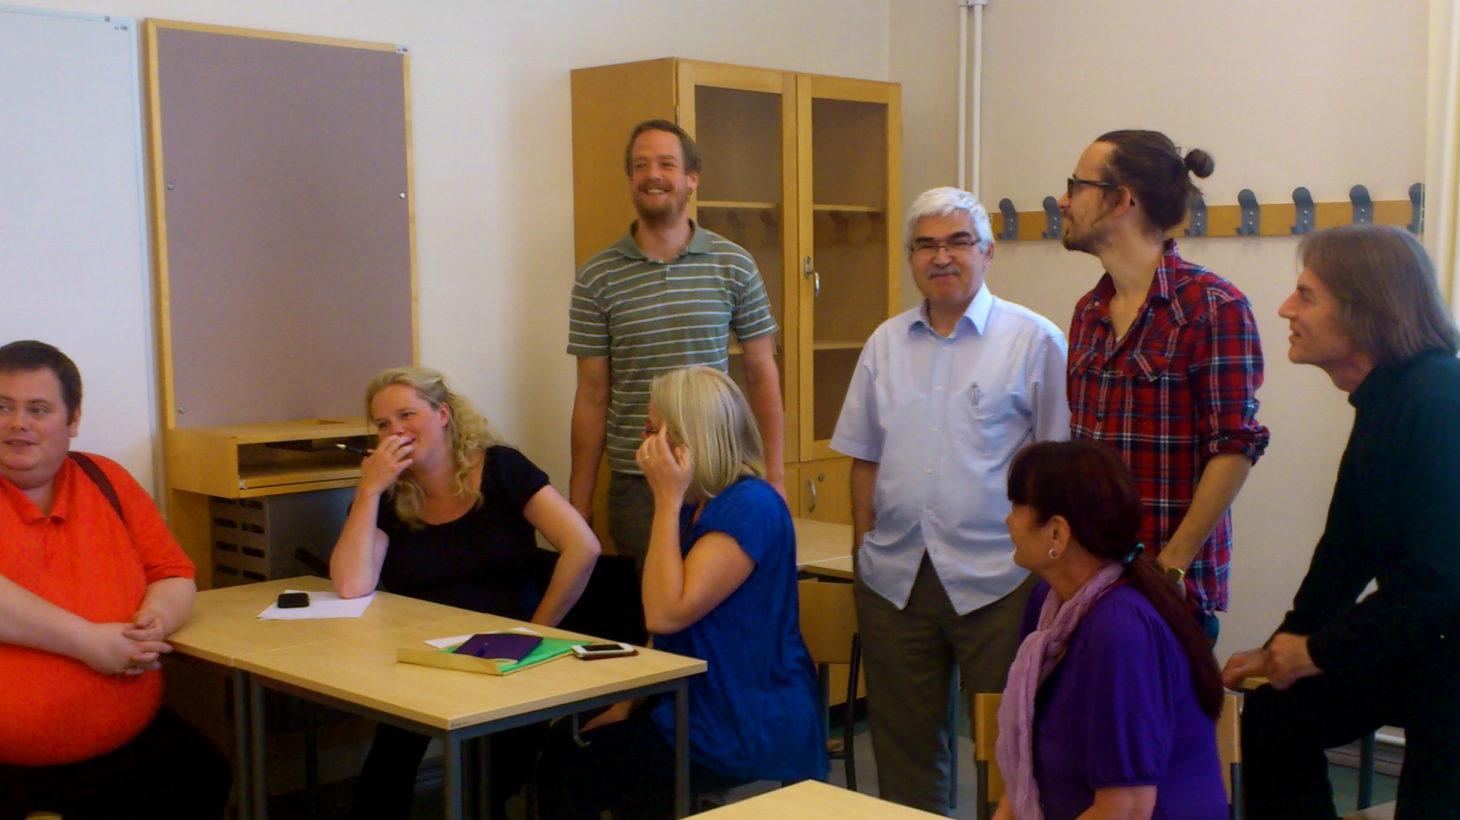 Åtta pedagoger sitter i klassrum.